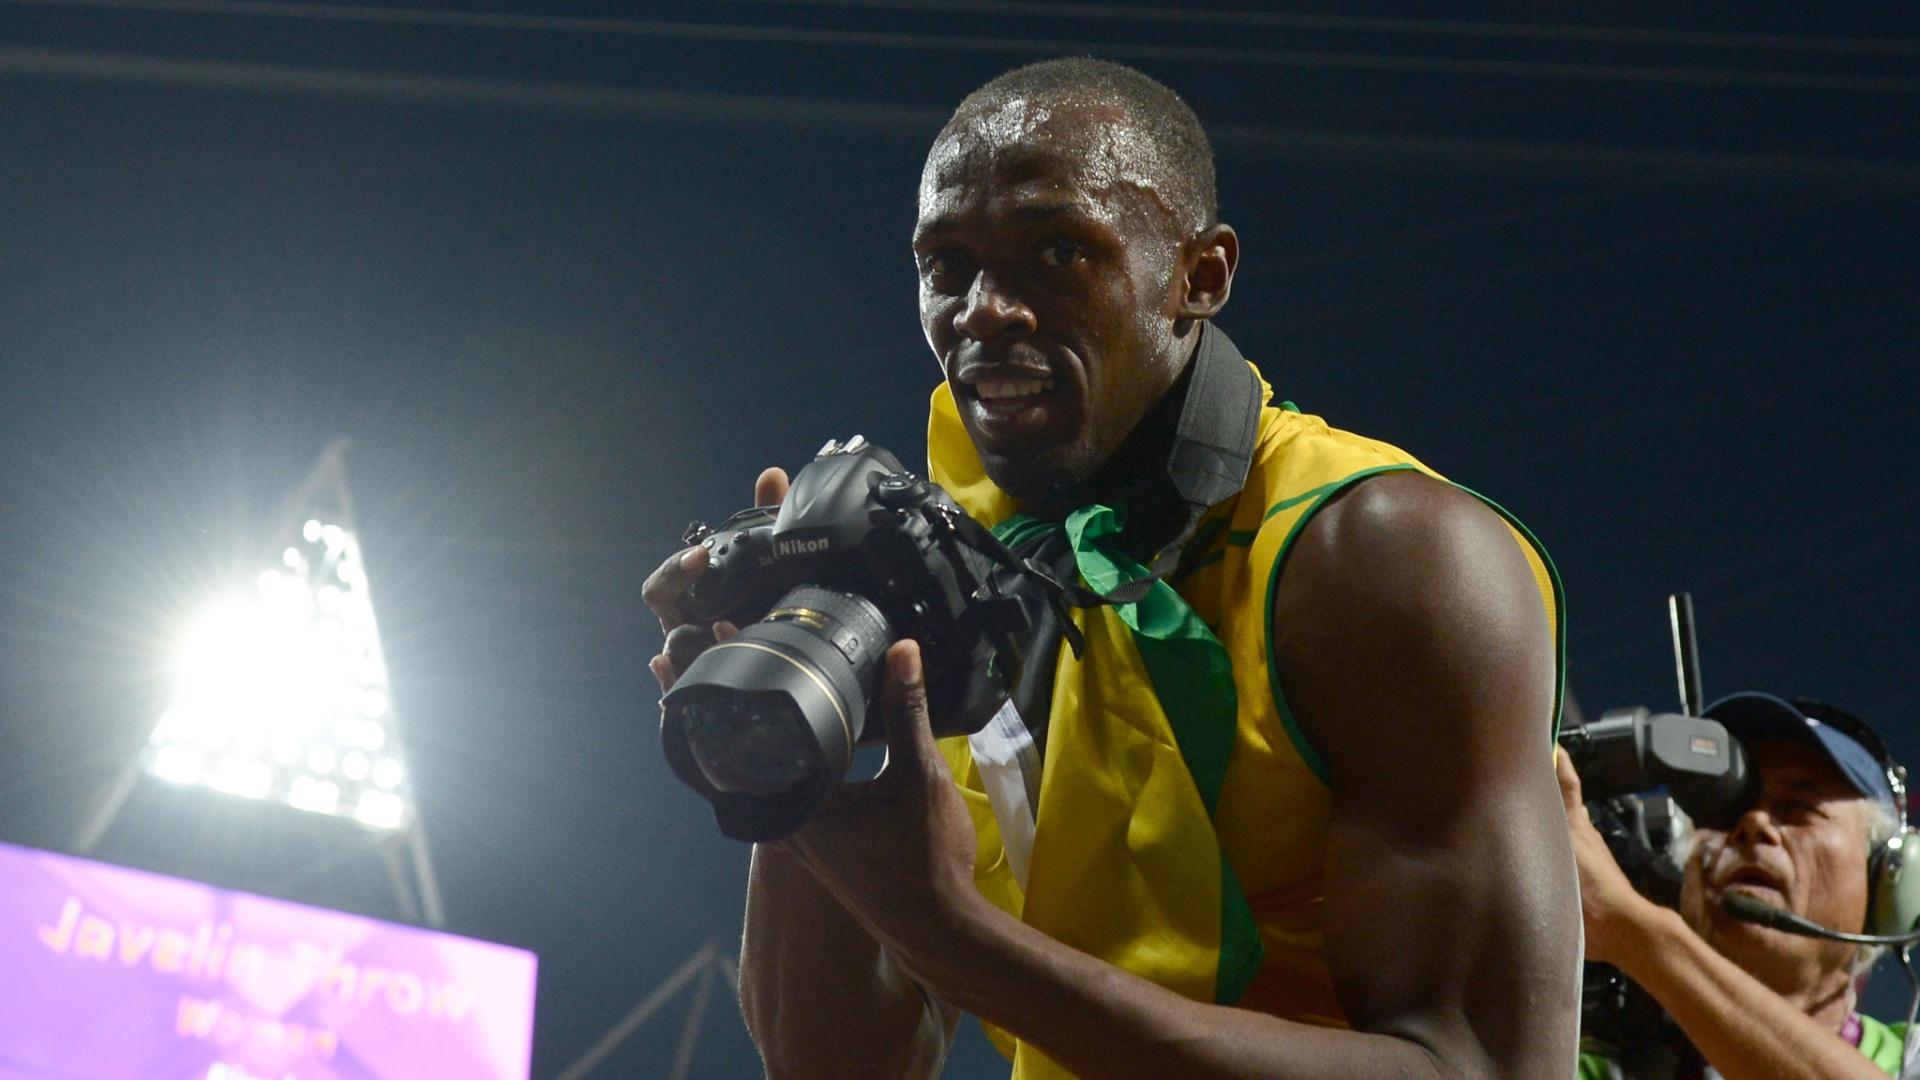 Usain Bolt pega câmera de fotógrafo na comemoração da vitória nos 200m rasos